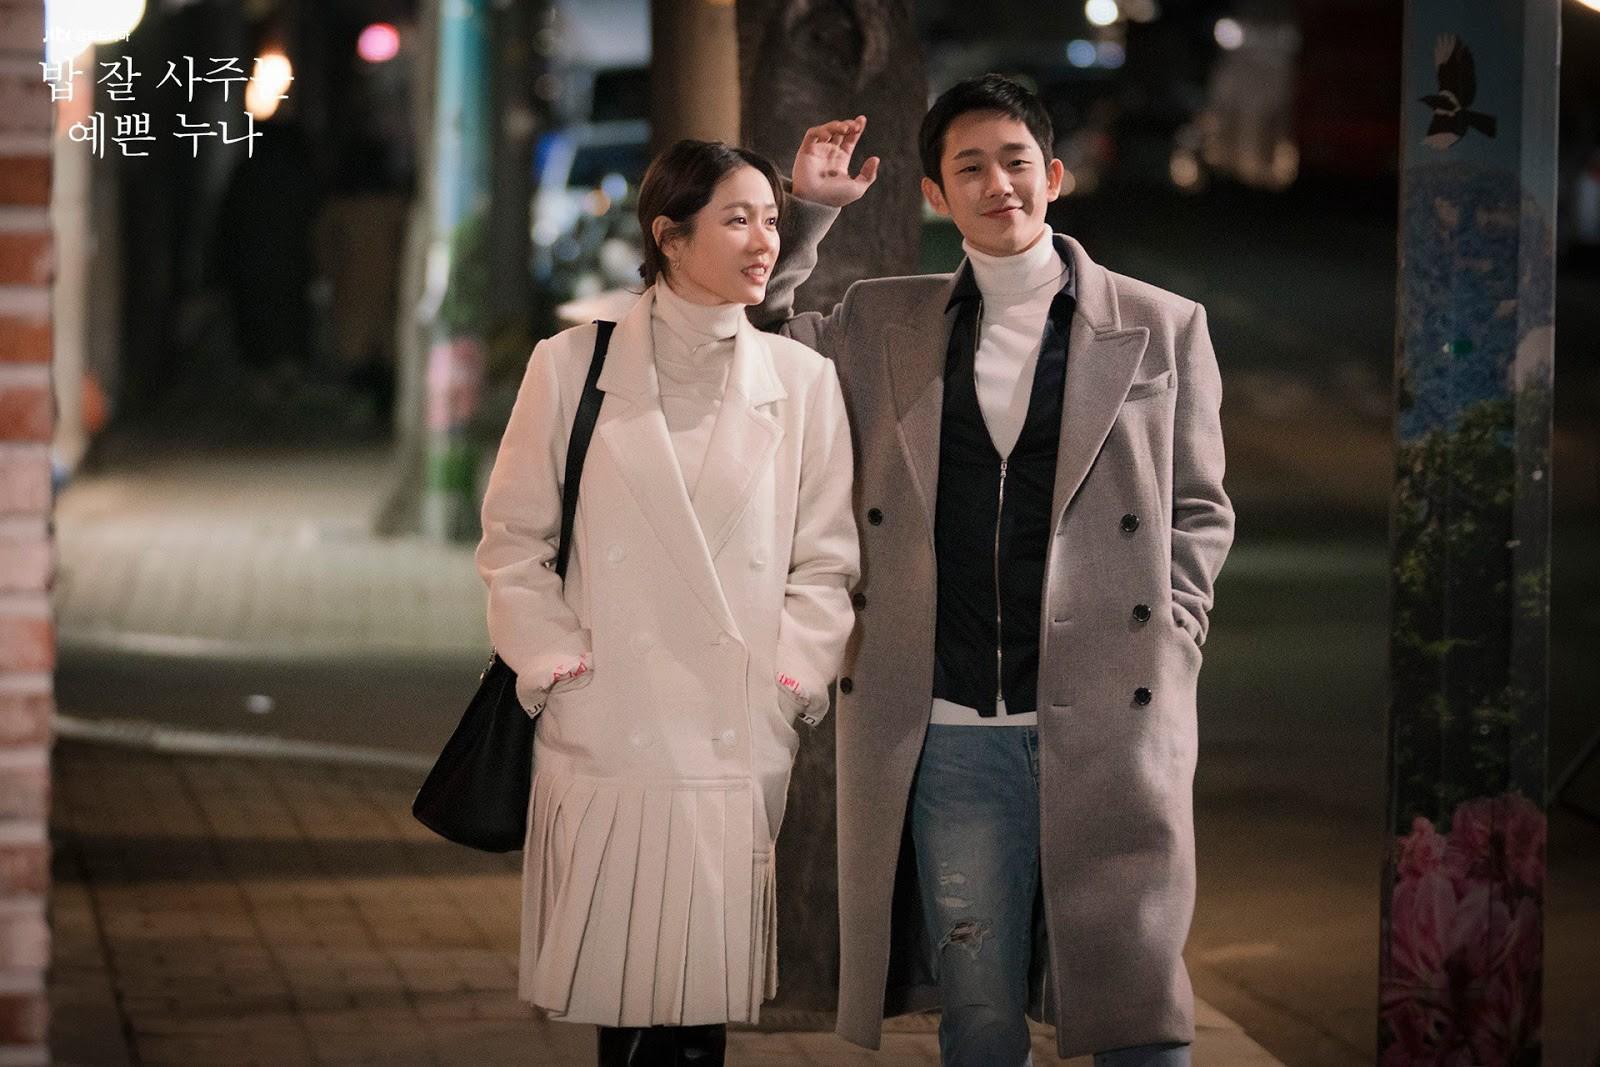 3 lí do khiến One Spring Night hot hơn Chị Đẹp Mua Cơm: Son Ye Jin xách dép cho nữ chính ở lí do cuối cùng! - Ảnh 1.